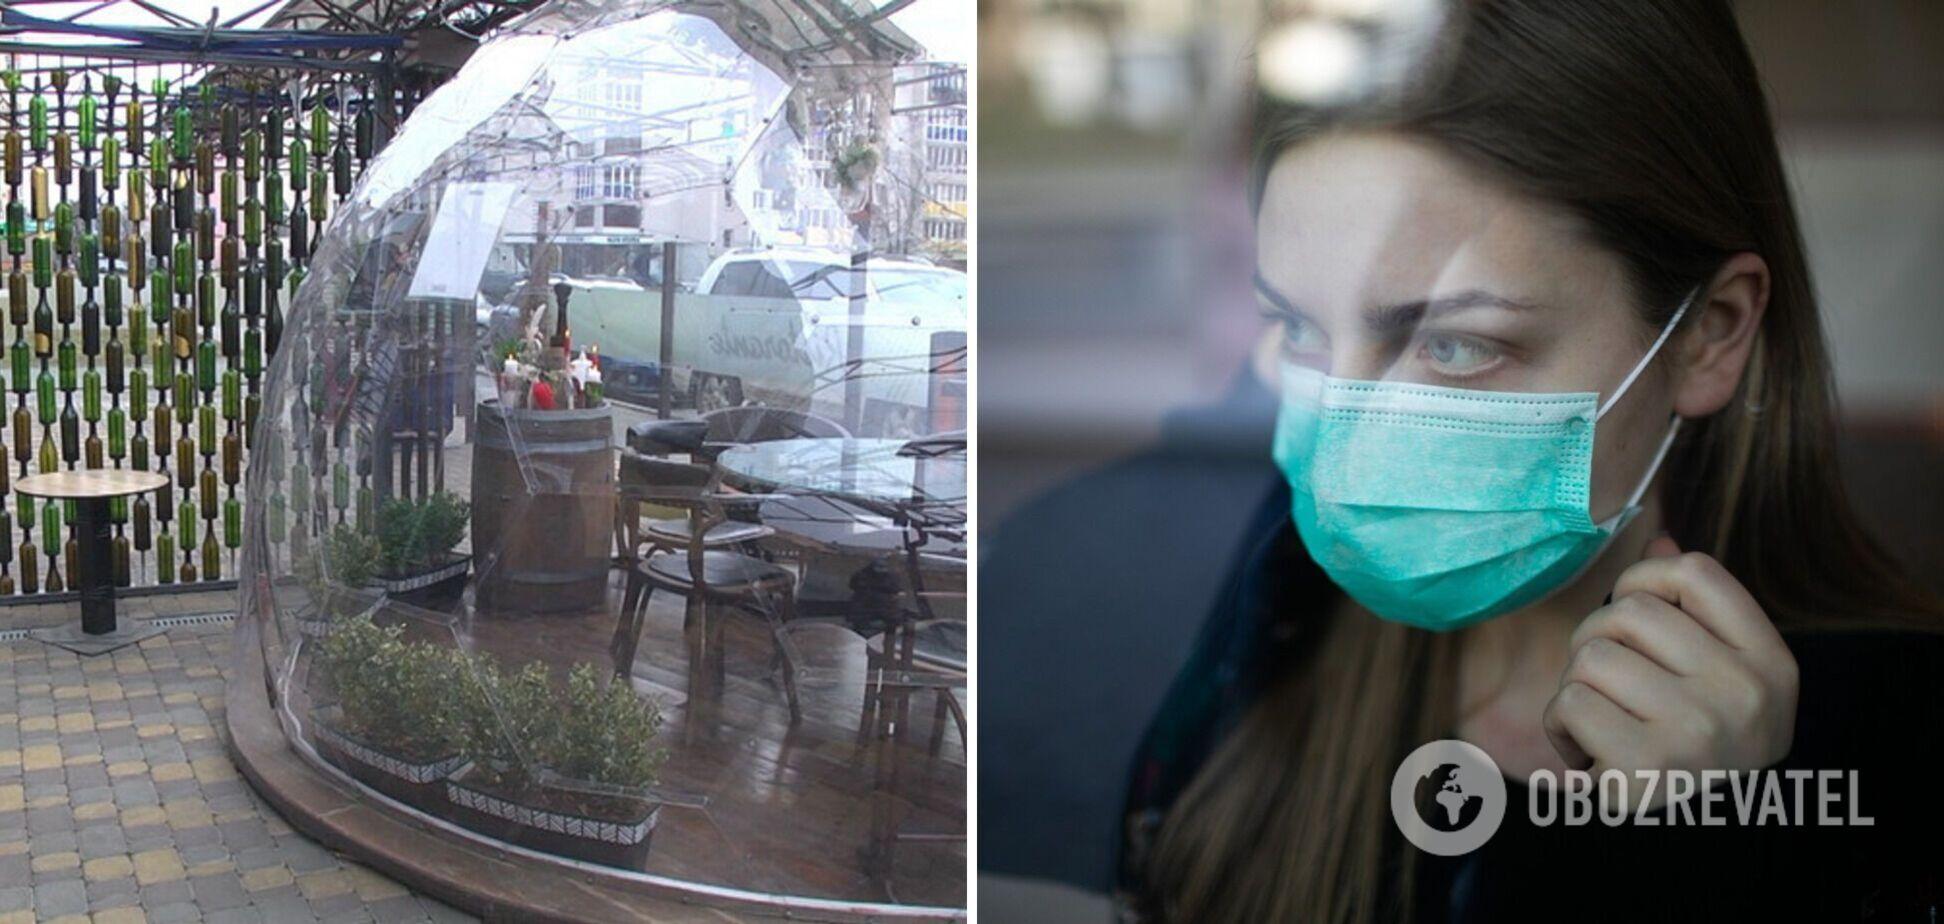 У Вінниці в ресторані встановили 'антиковідні' сфери. Фото